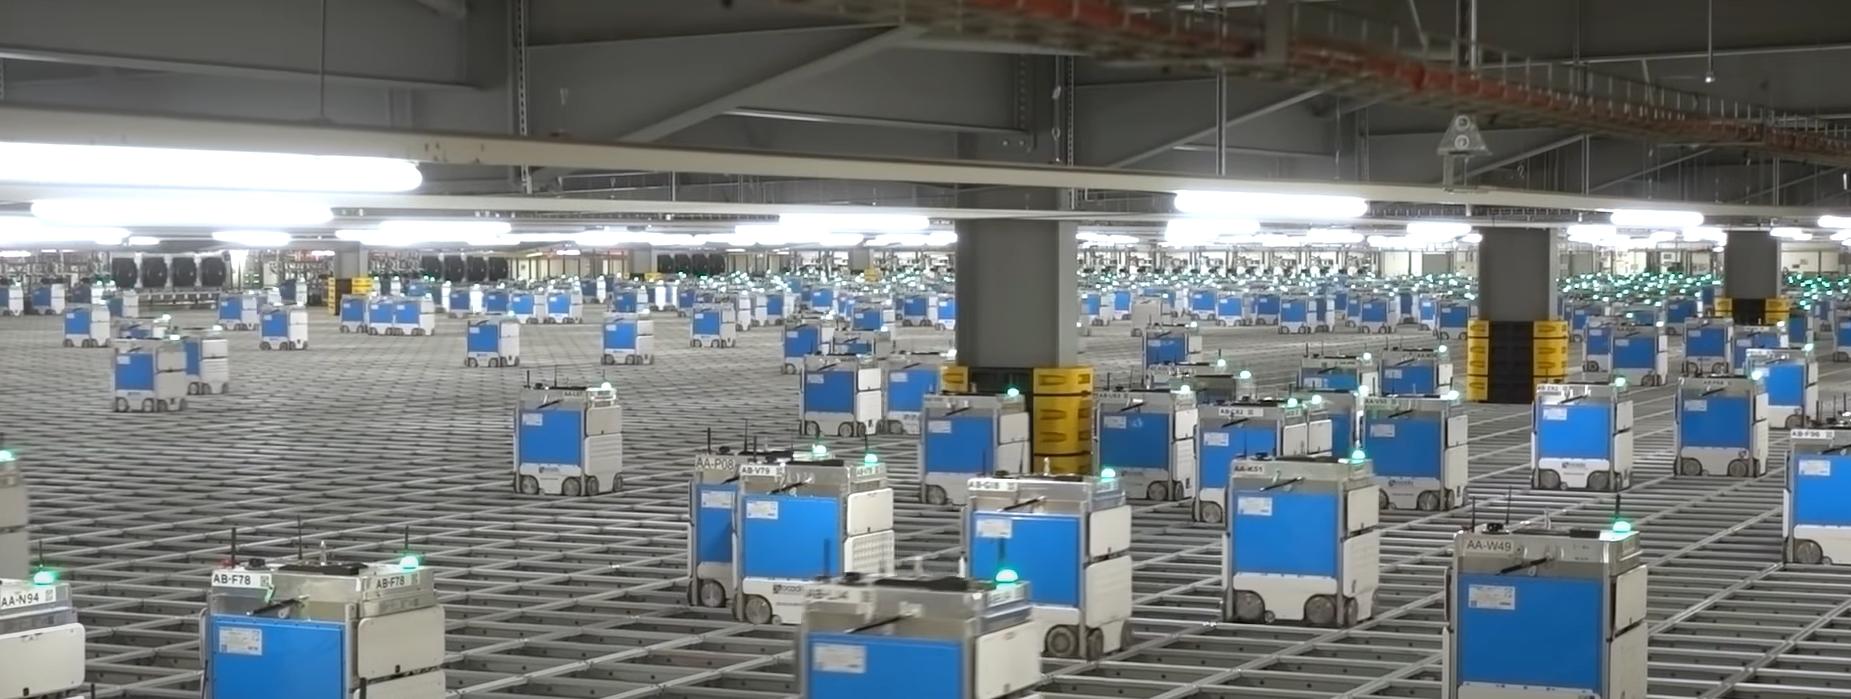 robots en tiendas: En las tiendas de comestibles de Ocad 2